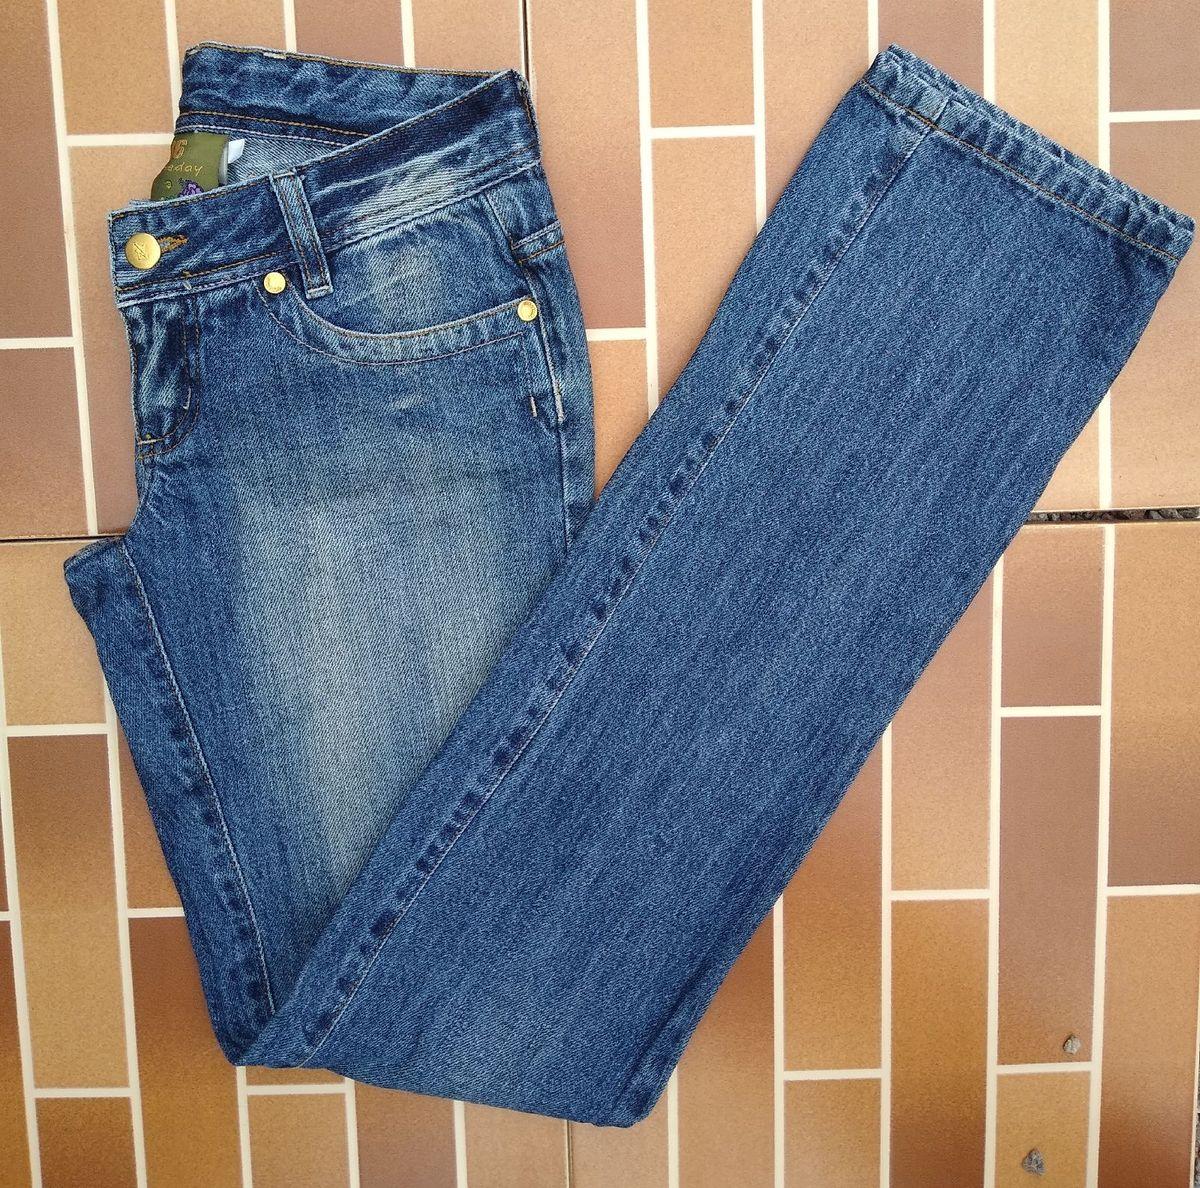 calça someday - calças someday